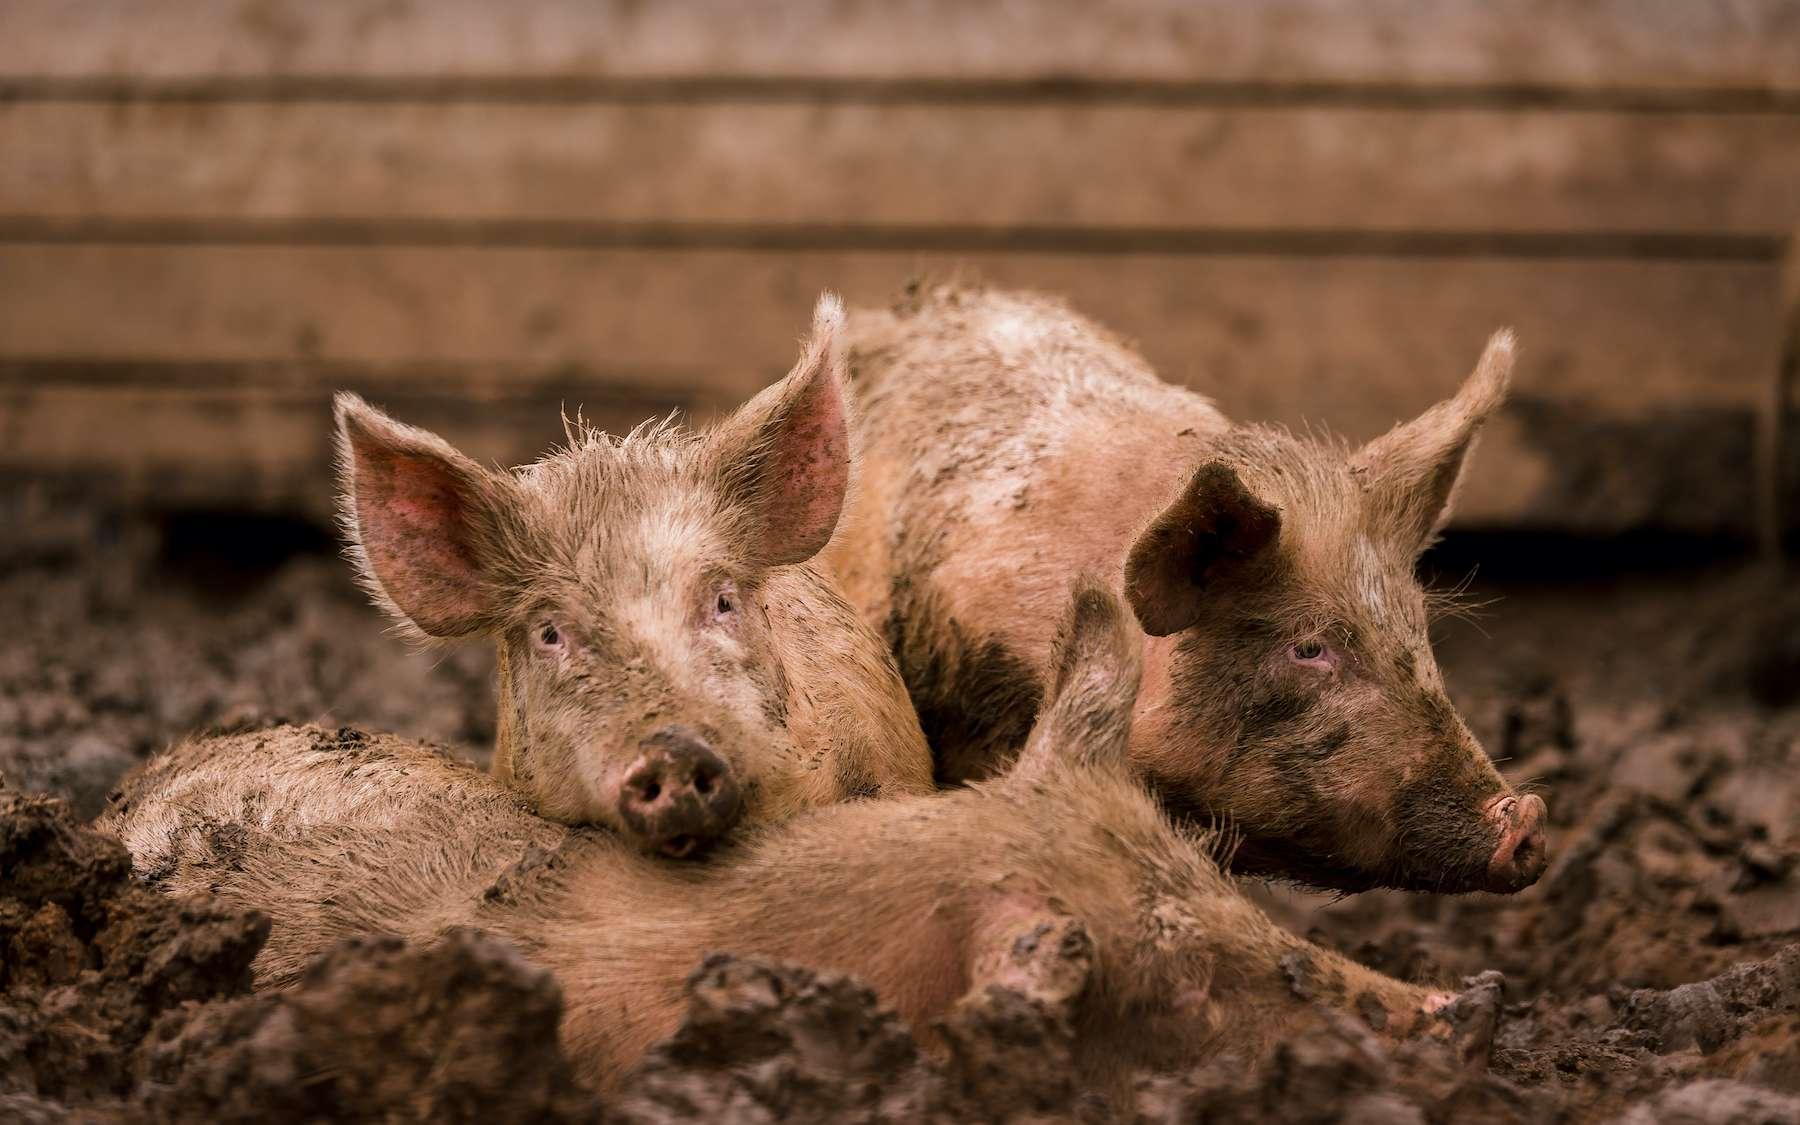 Le SADS-CoV est un coronavirus du porc très virulent. © mantisphoto, Adobe Stock